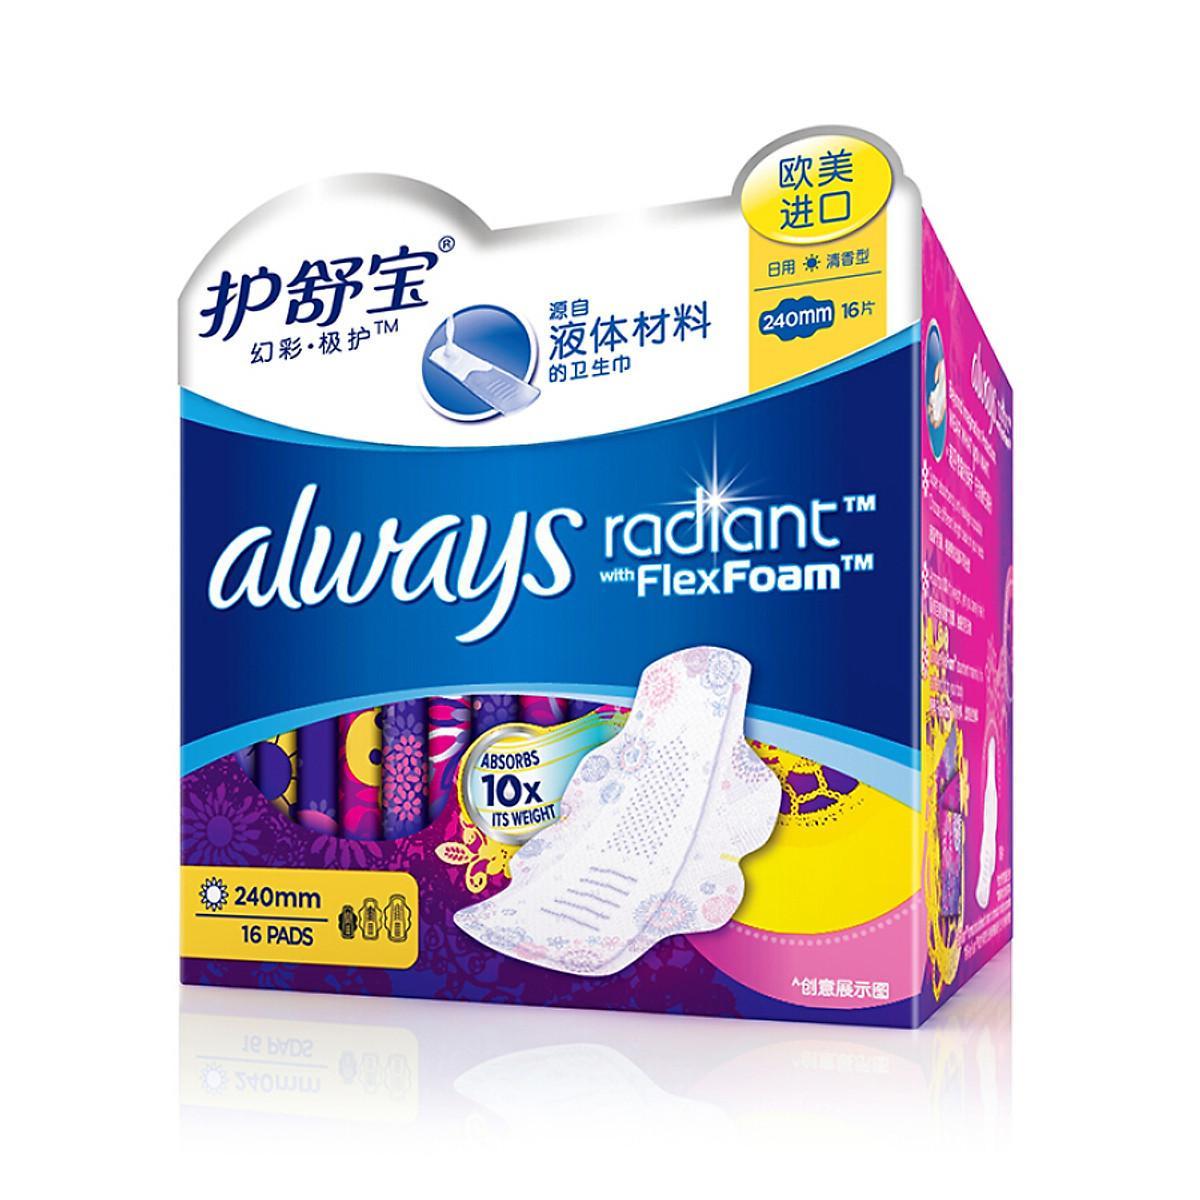 Đánh giá Băng vệ sinh Always